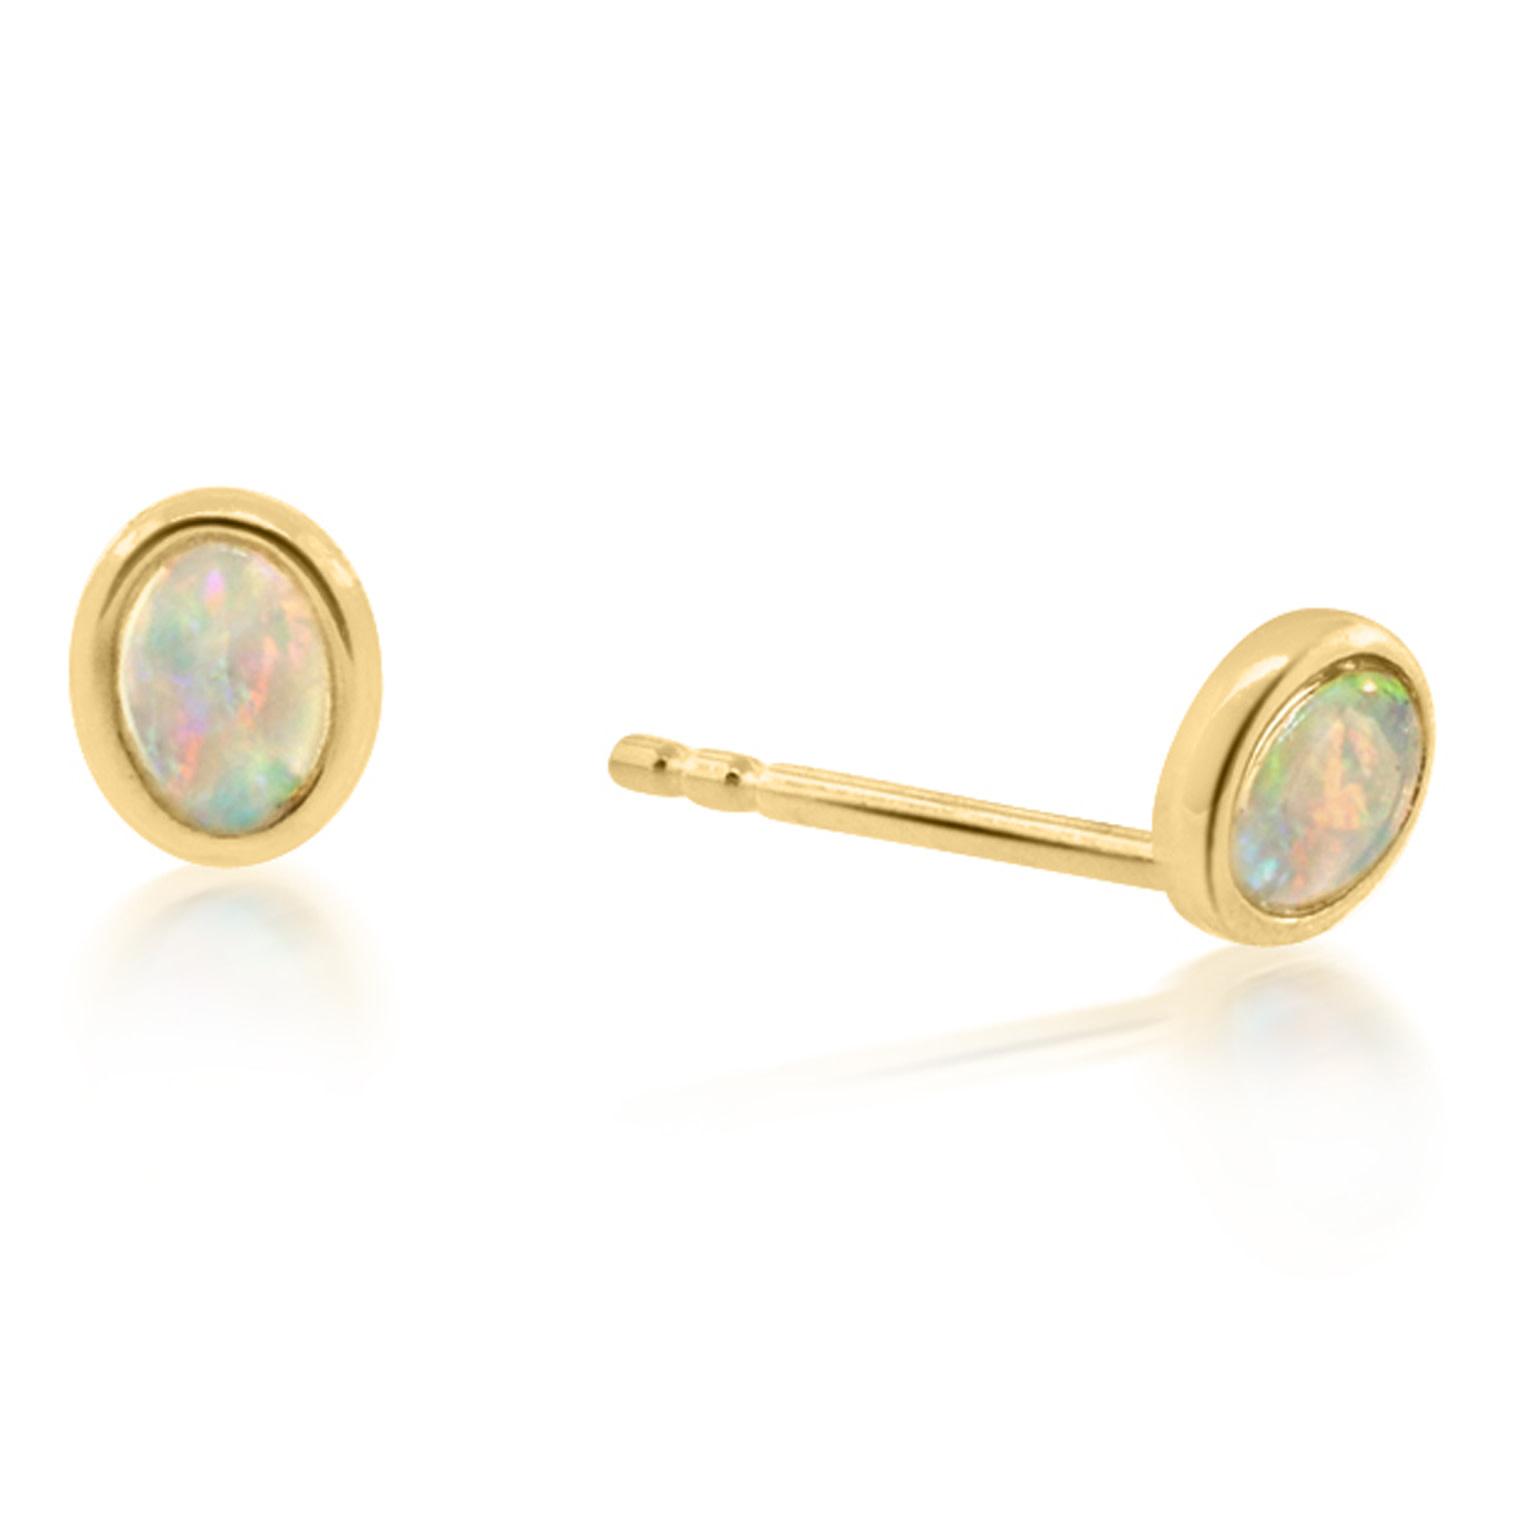 Trabert Goldsmiths Oval Opal Bezel Earrings